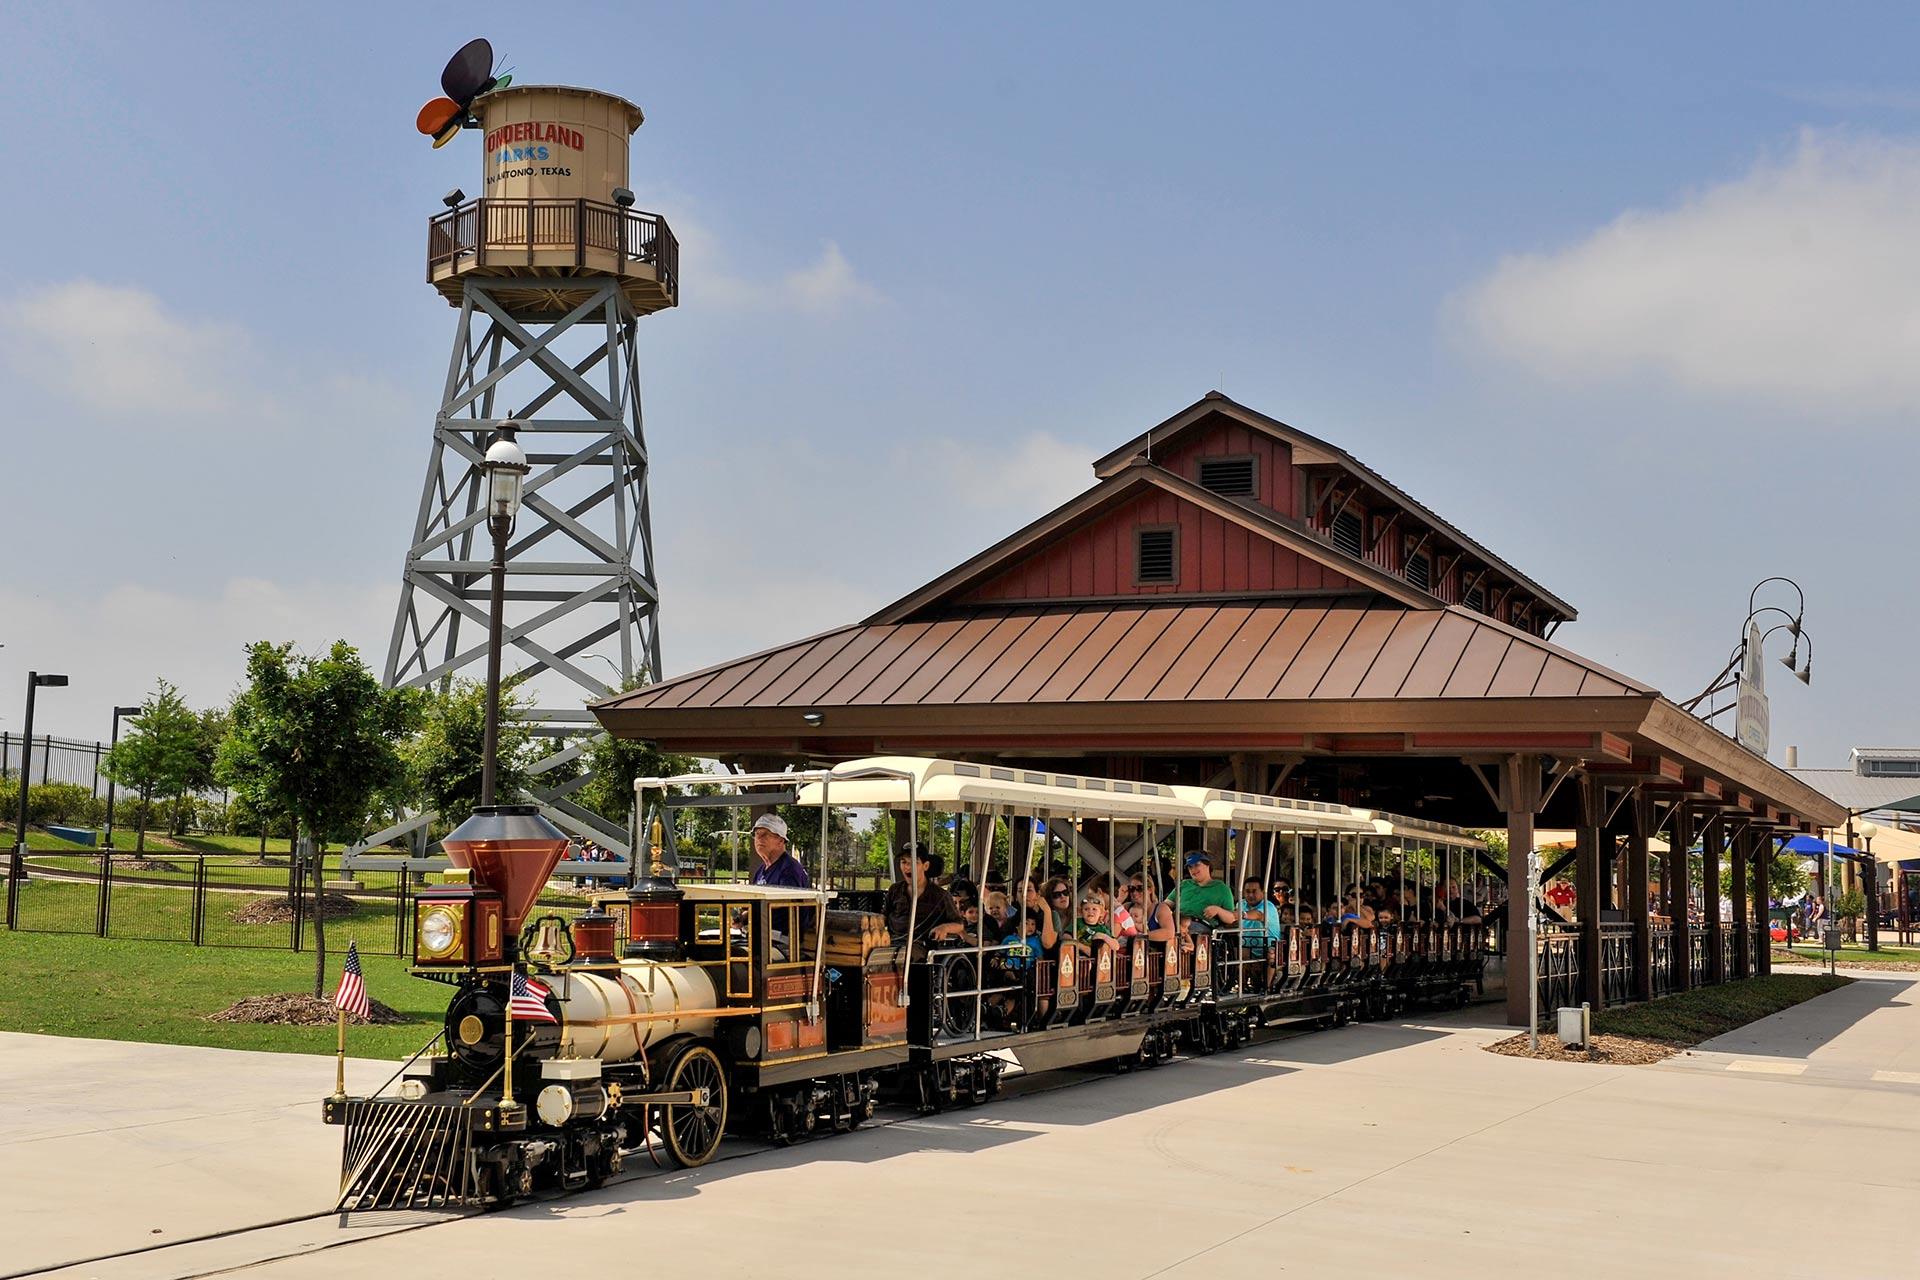 Train Ride at Morgan's Wonderland in San Antonio, Texas; Courtesy of Morgan's Wonderland